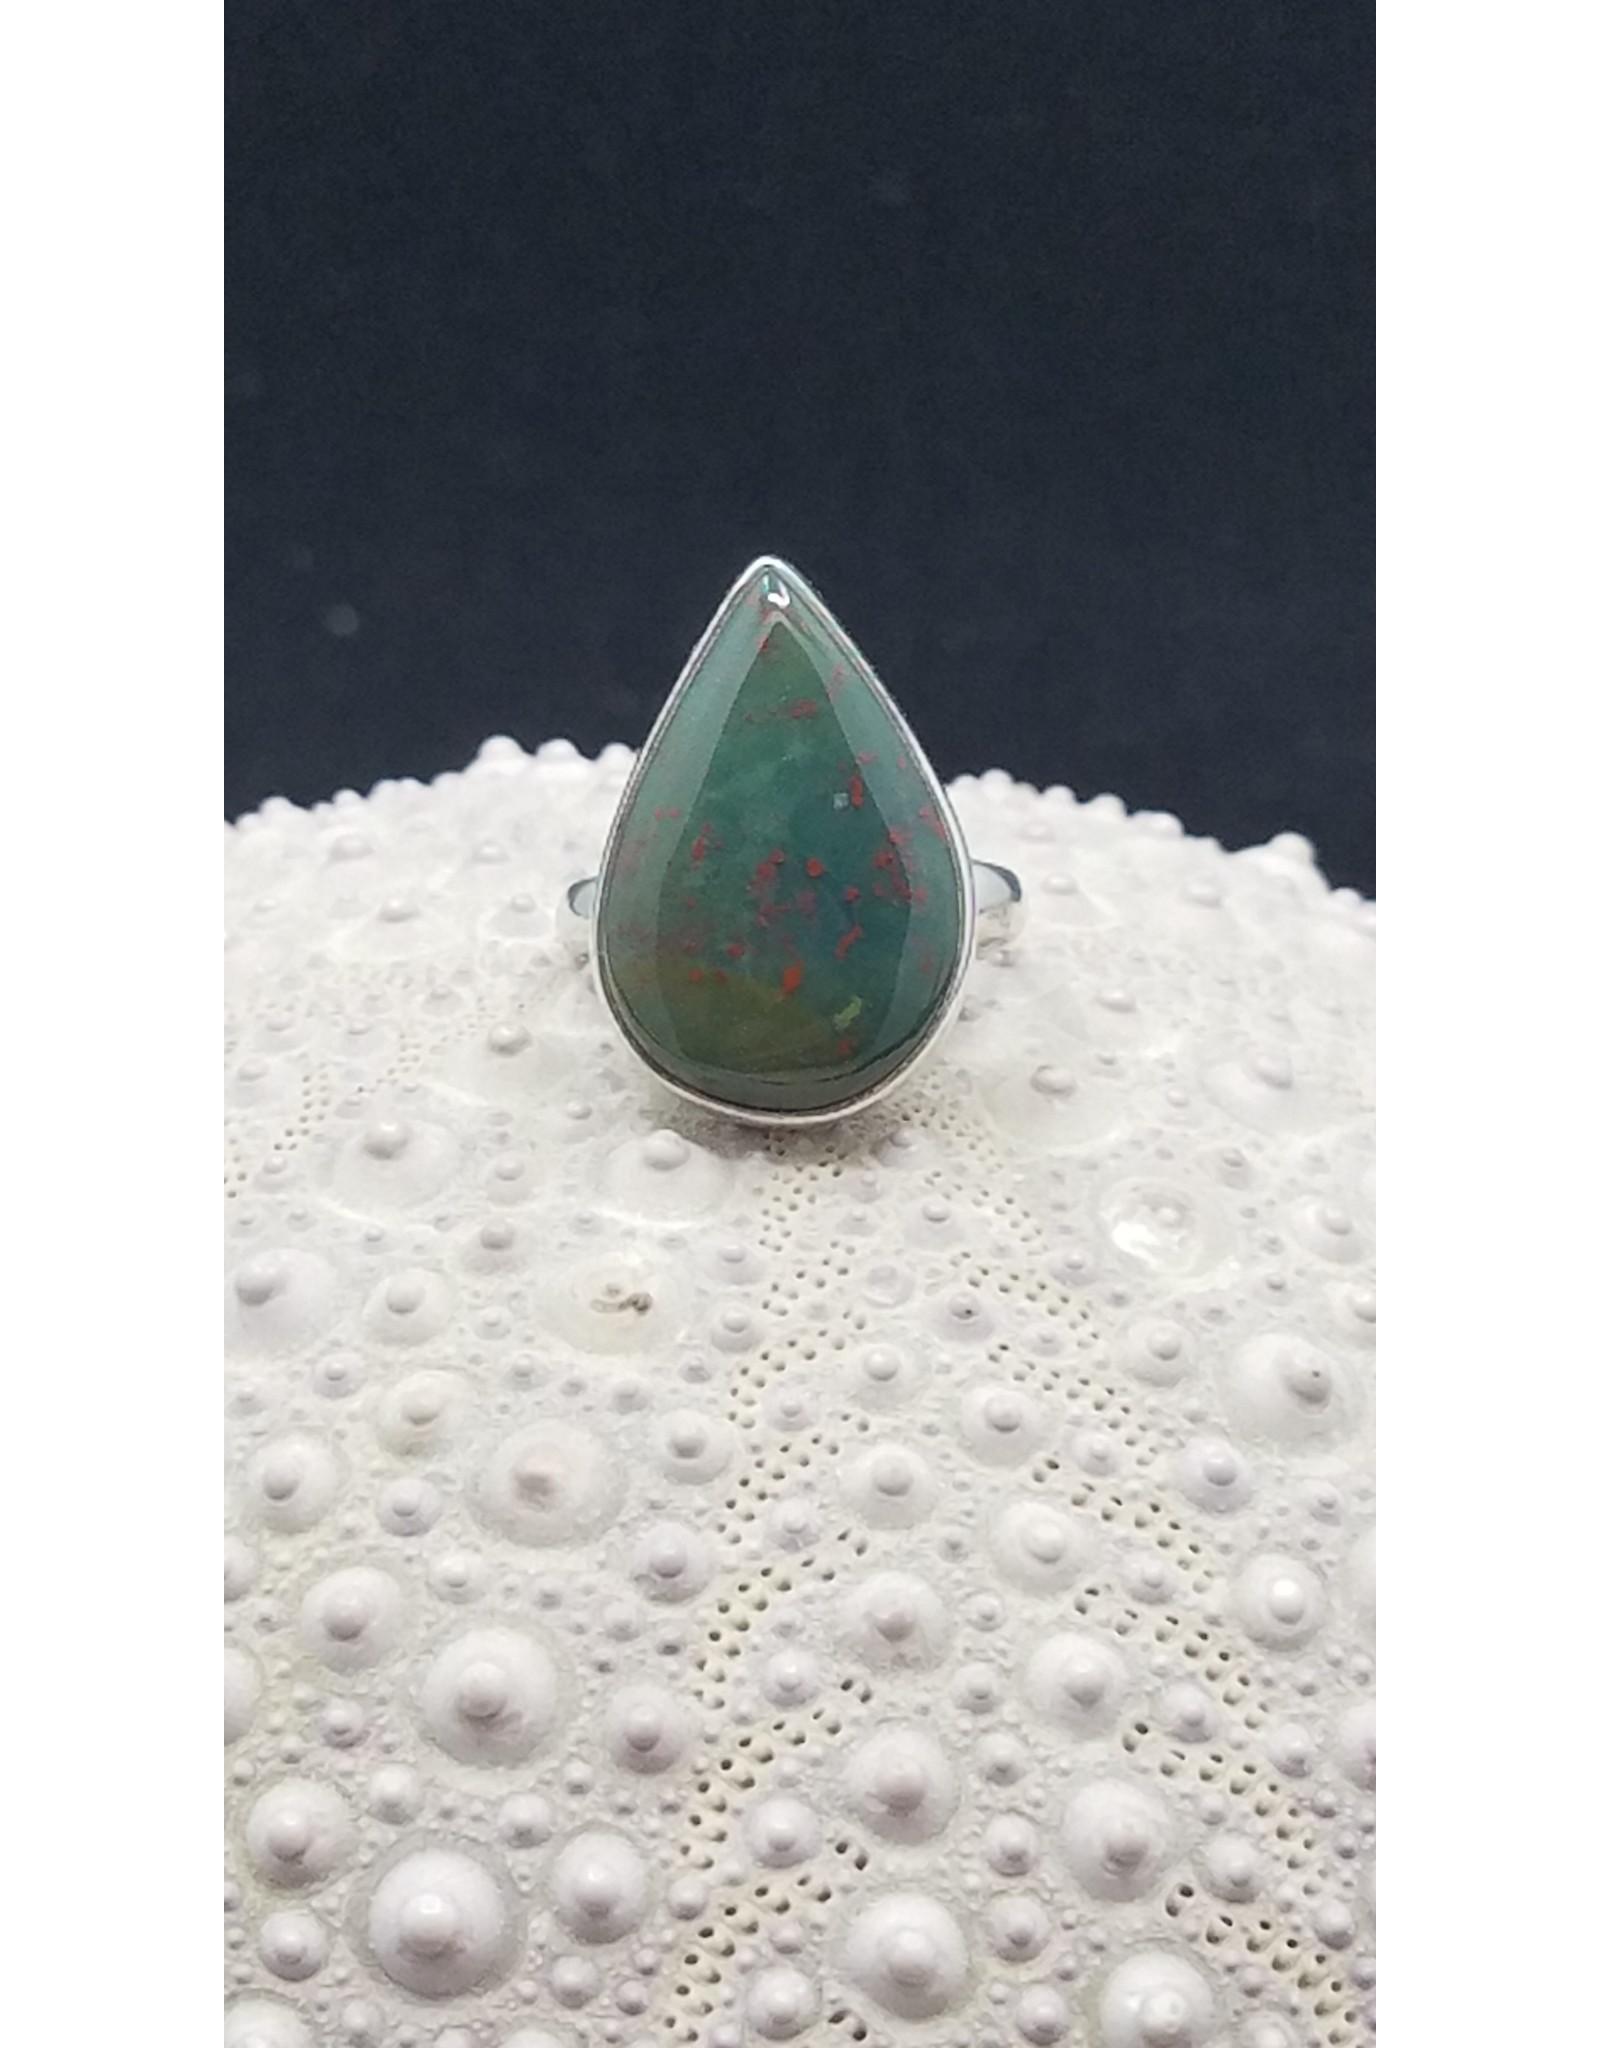 Bloodstone/Heliotrope Ring - Size 6